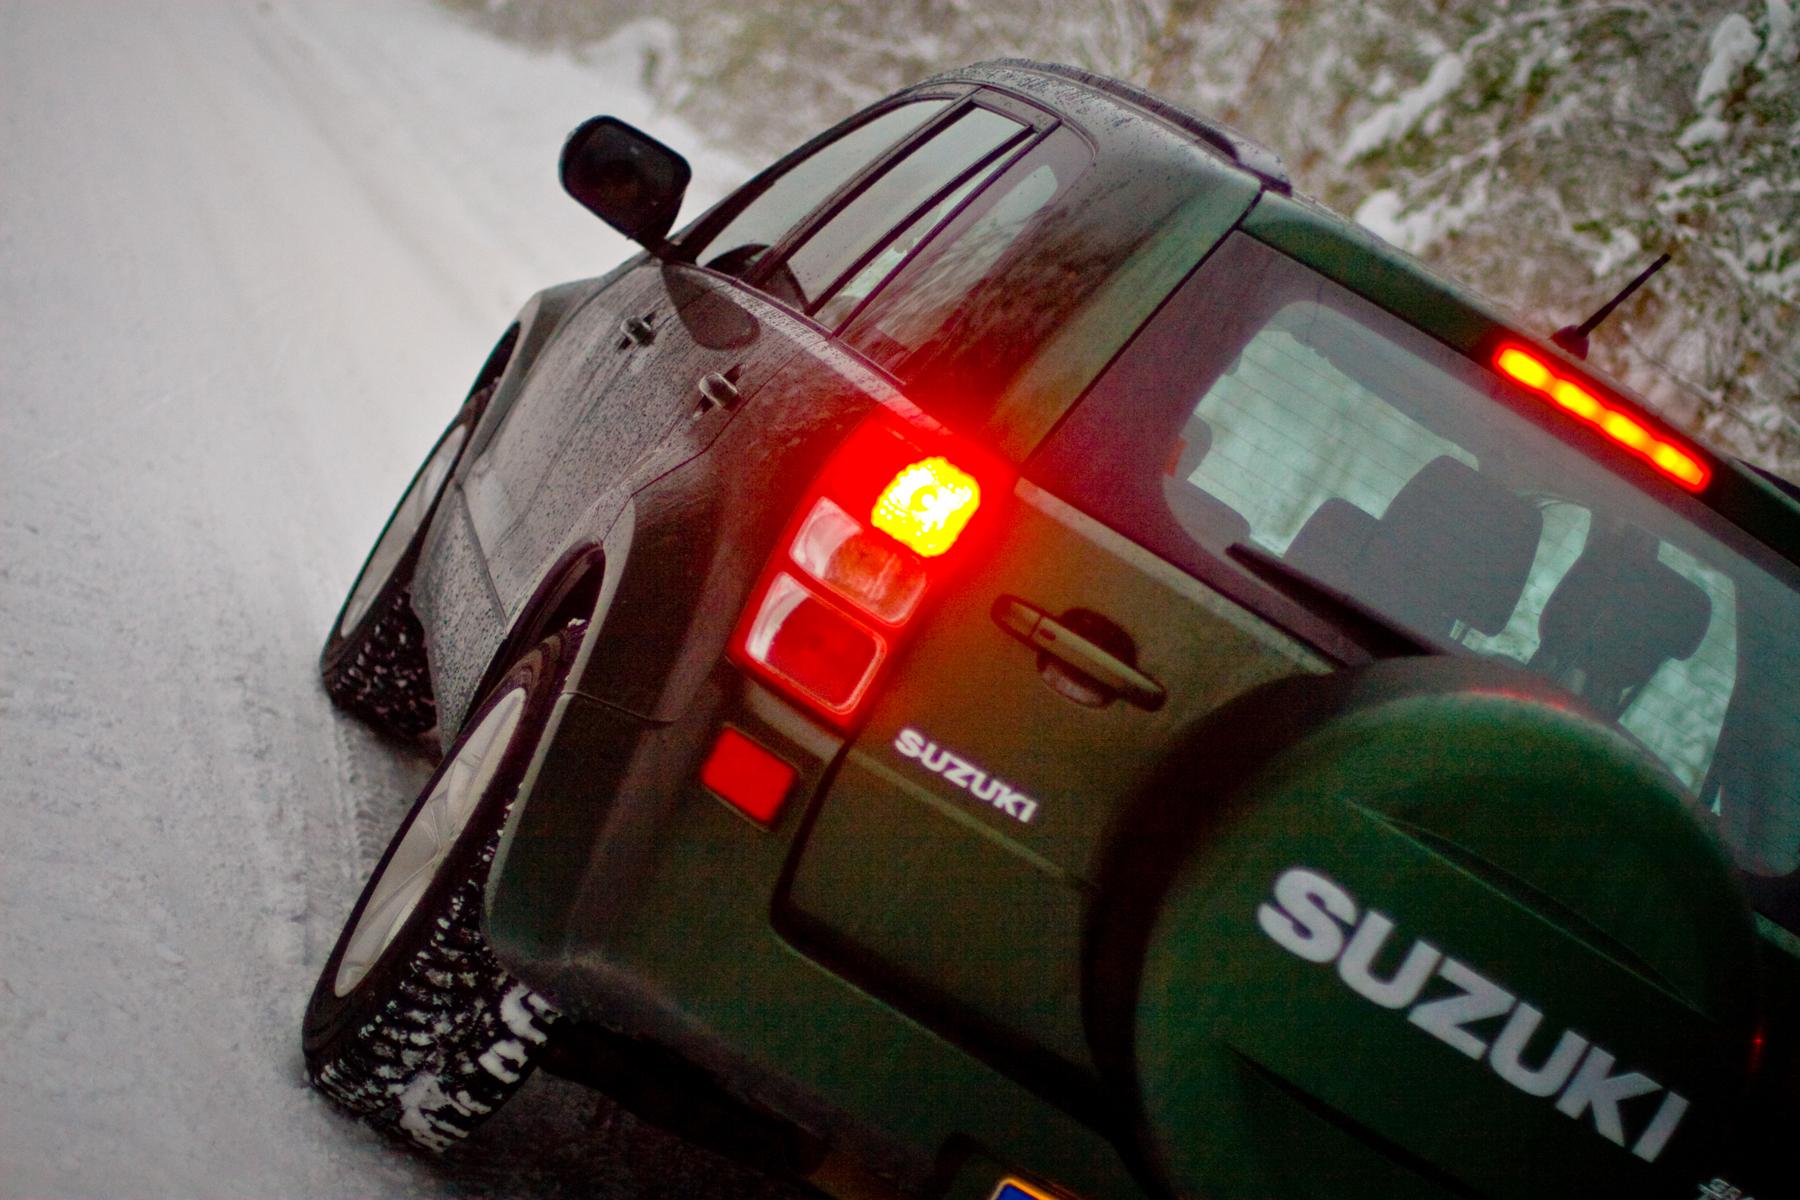 Тест-драйв Suzuki Grand Vitara (Сузуки Гранд Витара ): практичность и надежность